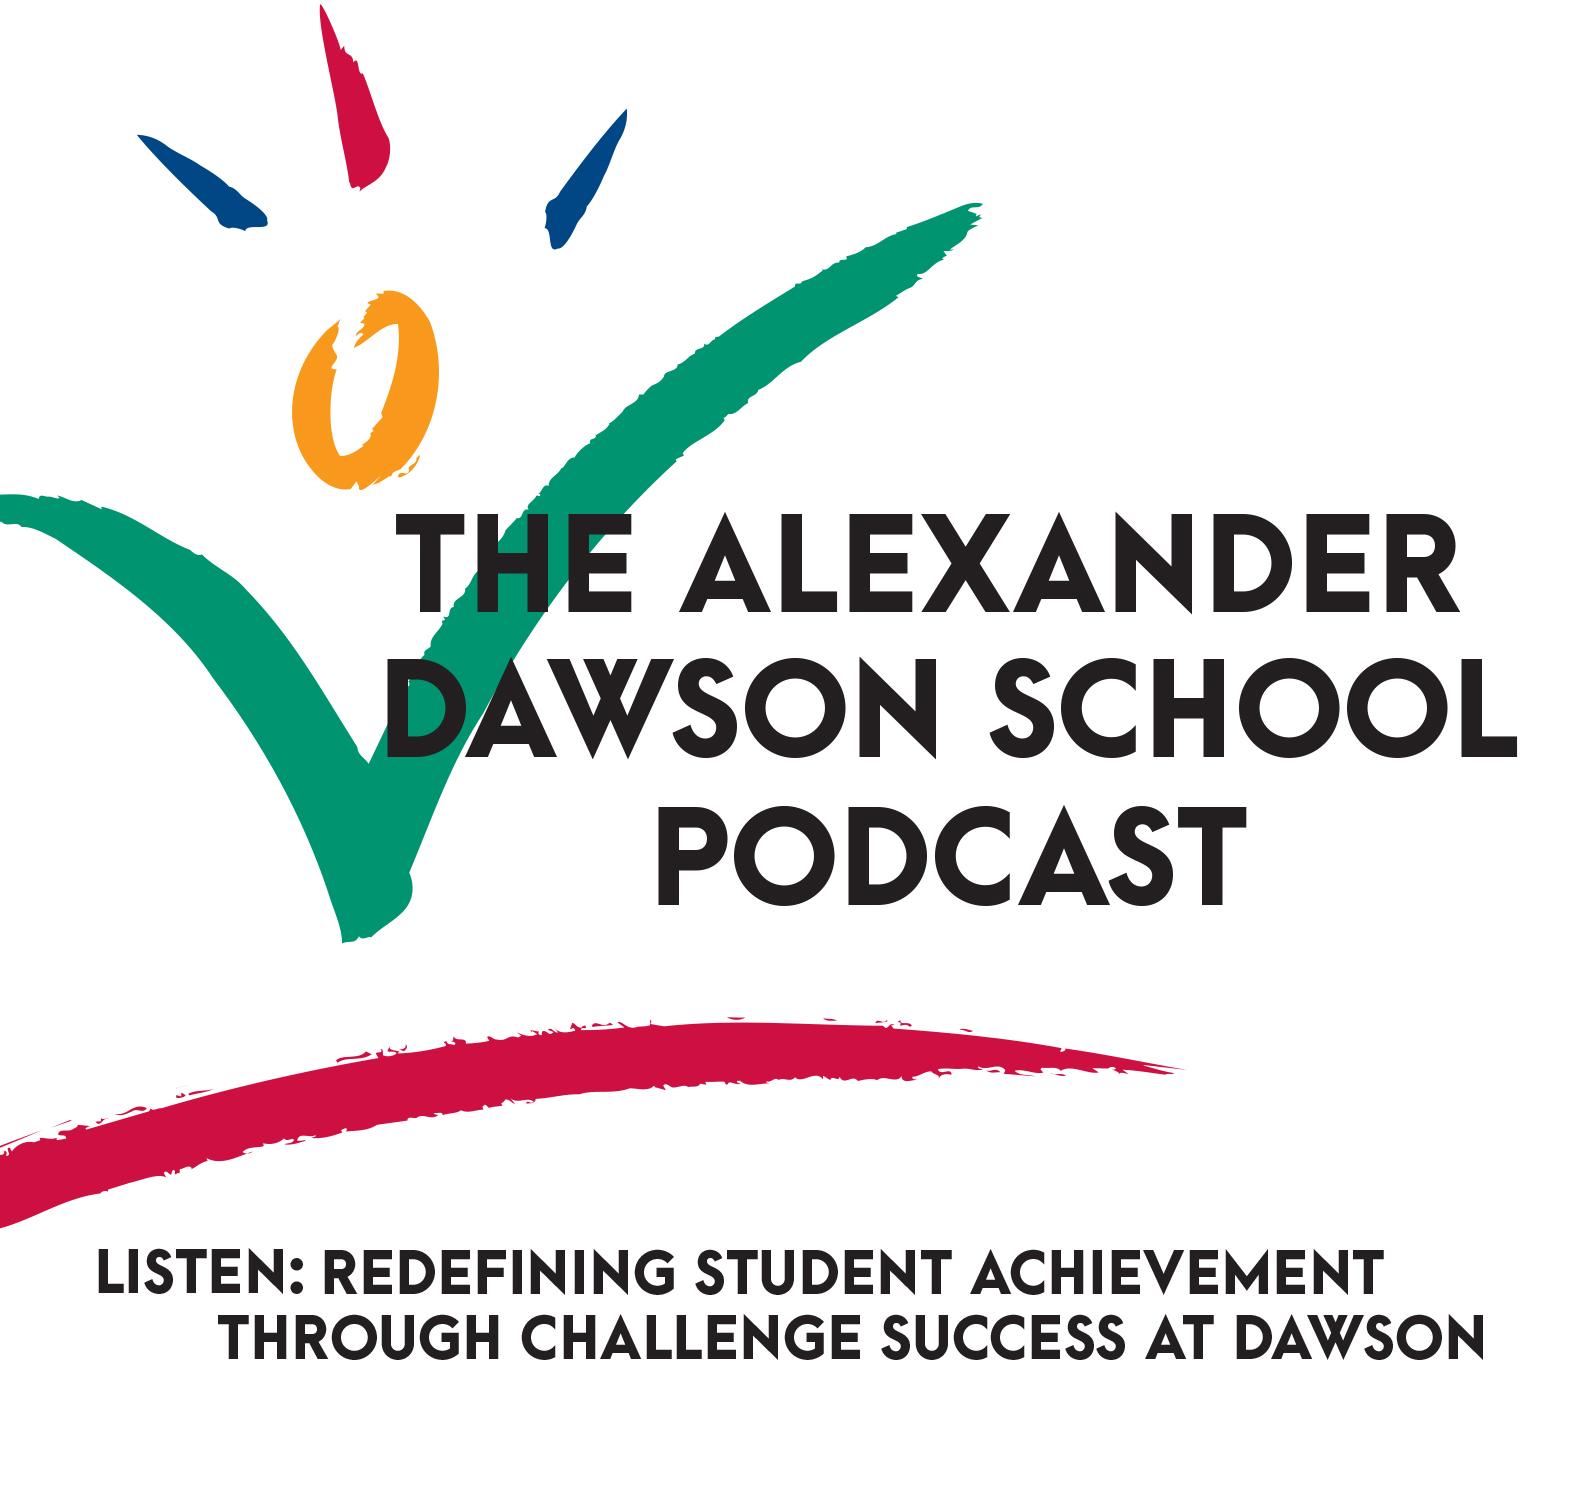 Redefining Student Achievement Through Challenge Success At Dawson